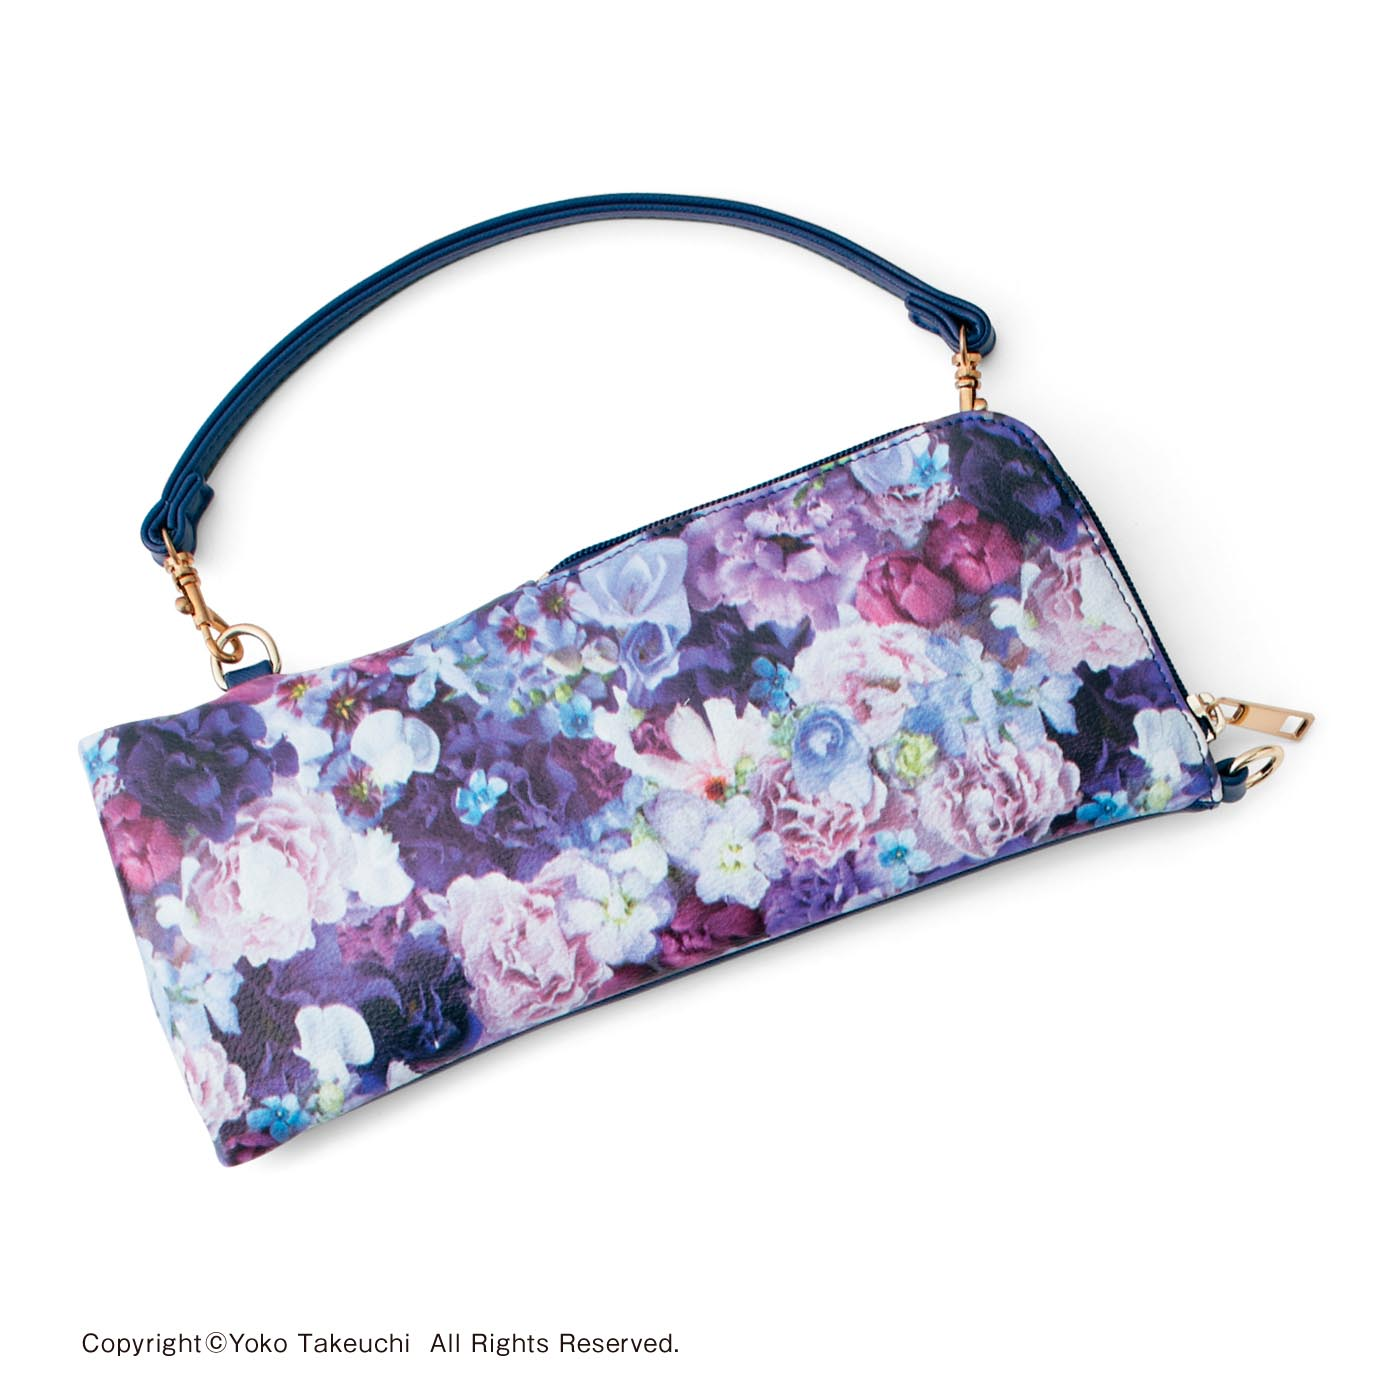 〈フリージアパープル〉 ストラップはバッグの持ち手にも付けられます。